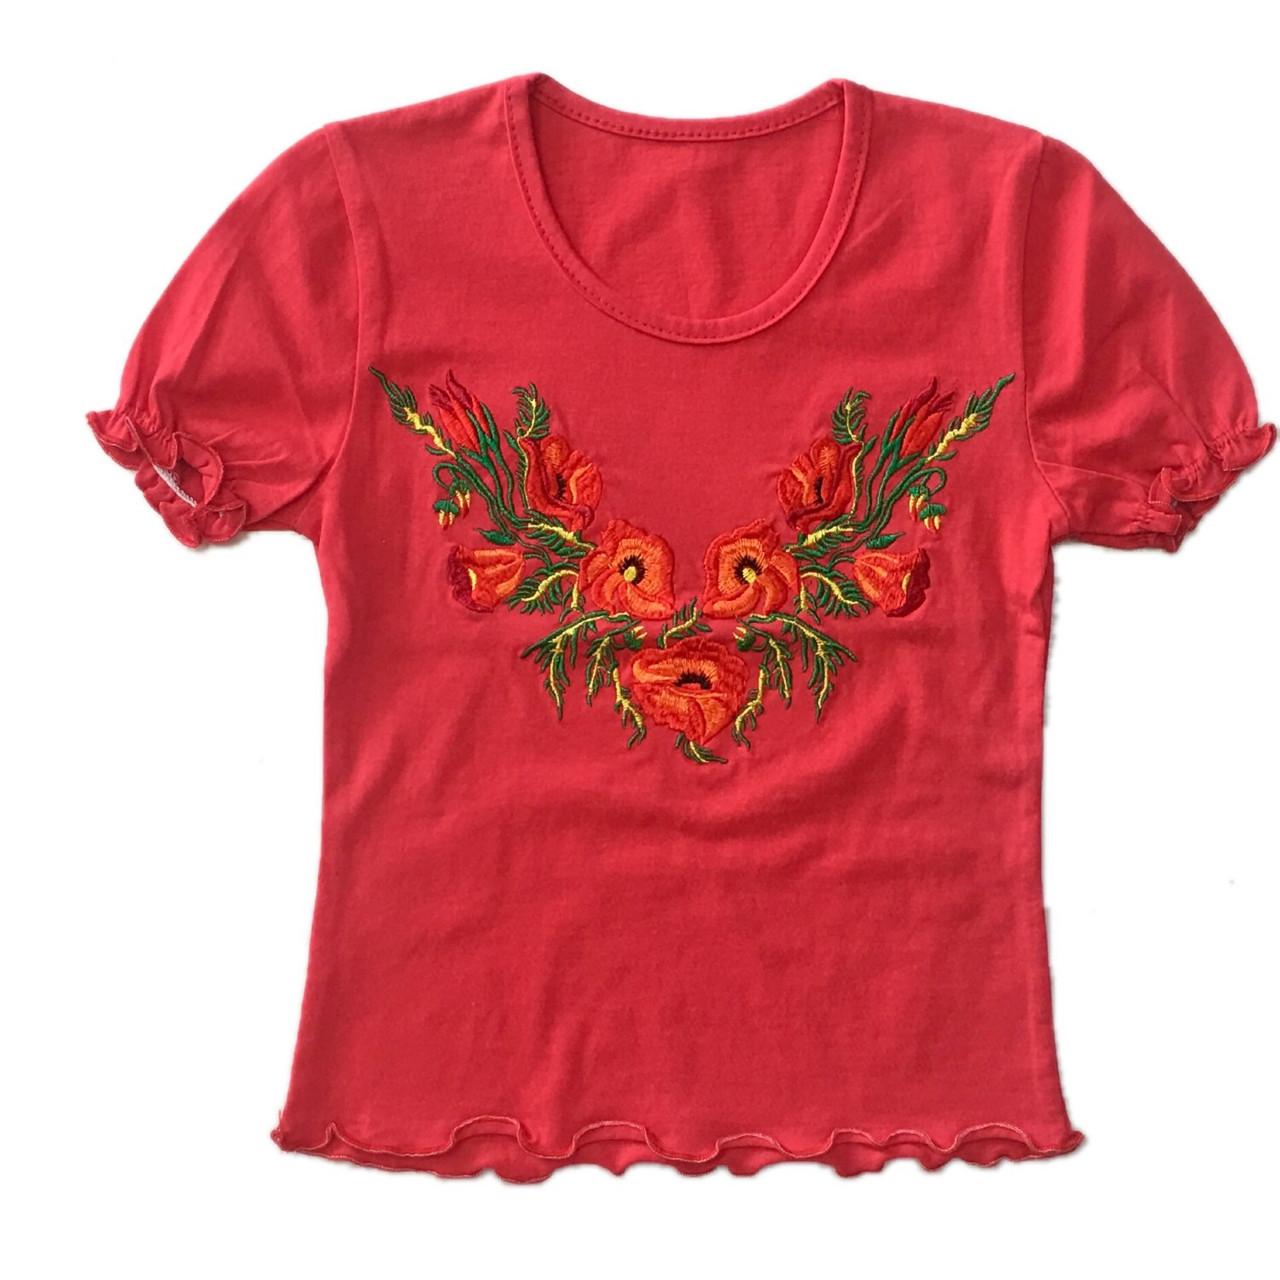 Дитяча футболка для дівчинки, 104см